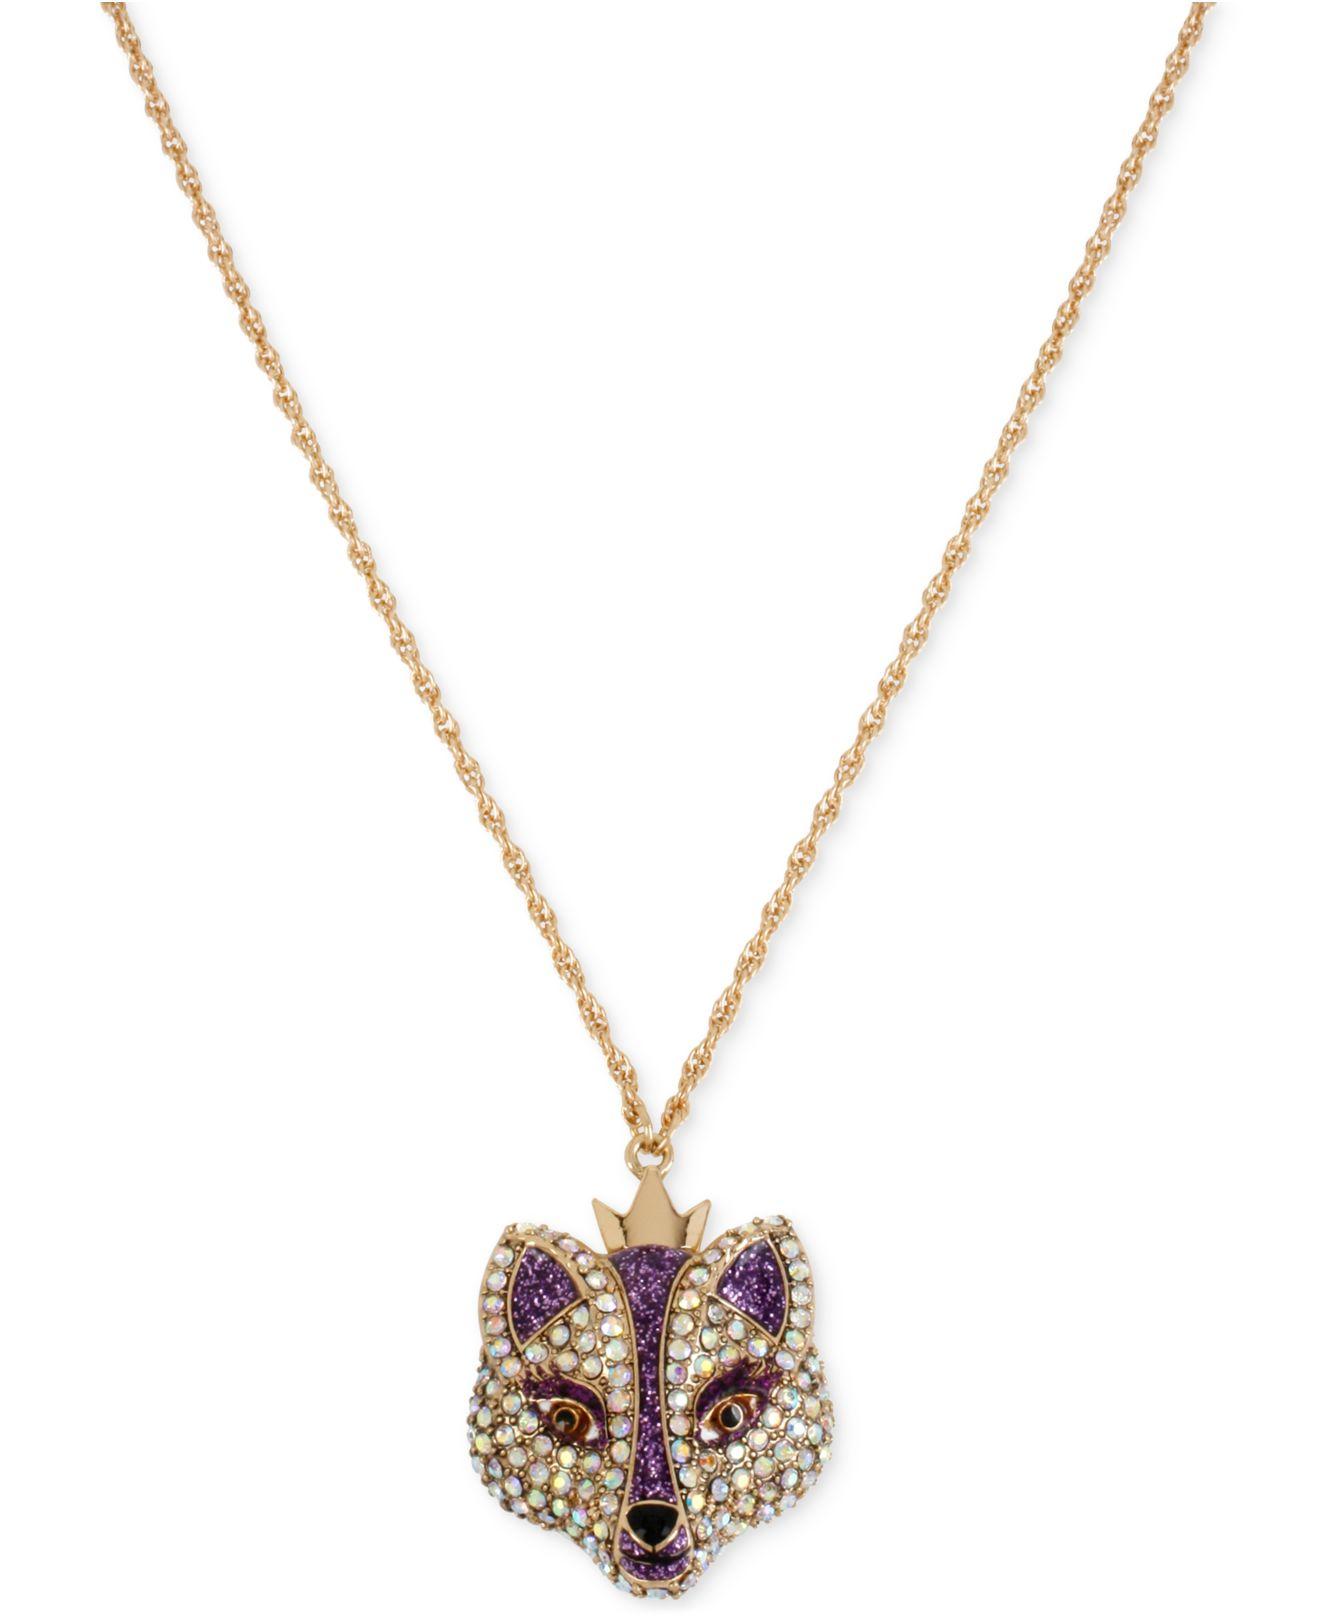 betsey johnson gold tone embellished fox pendant necklace